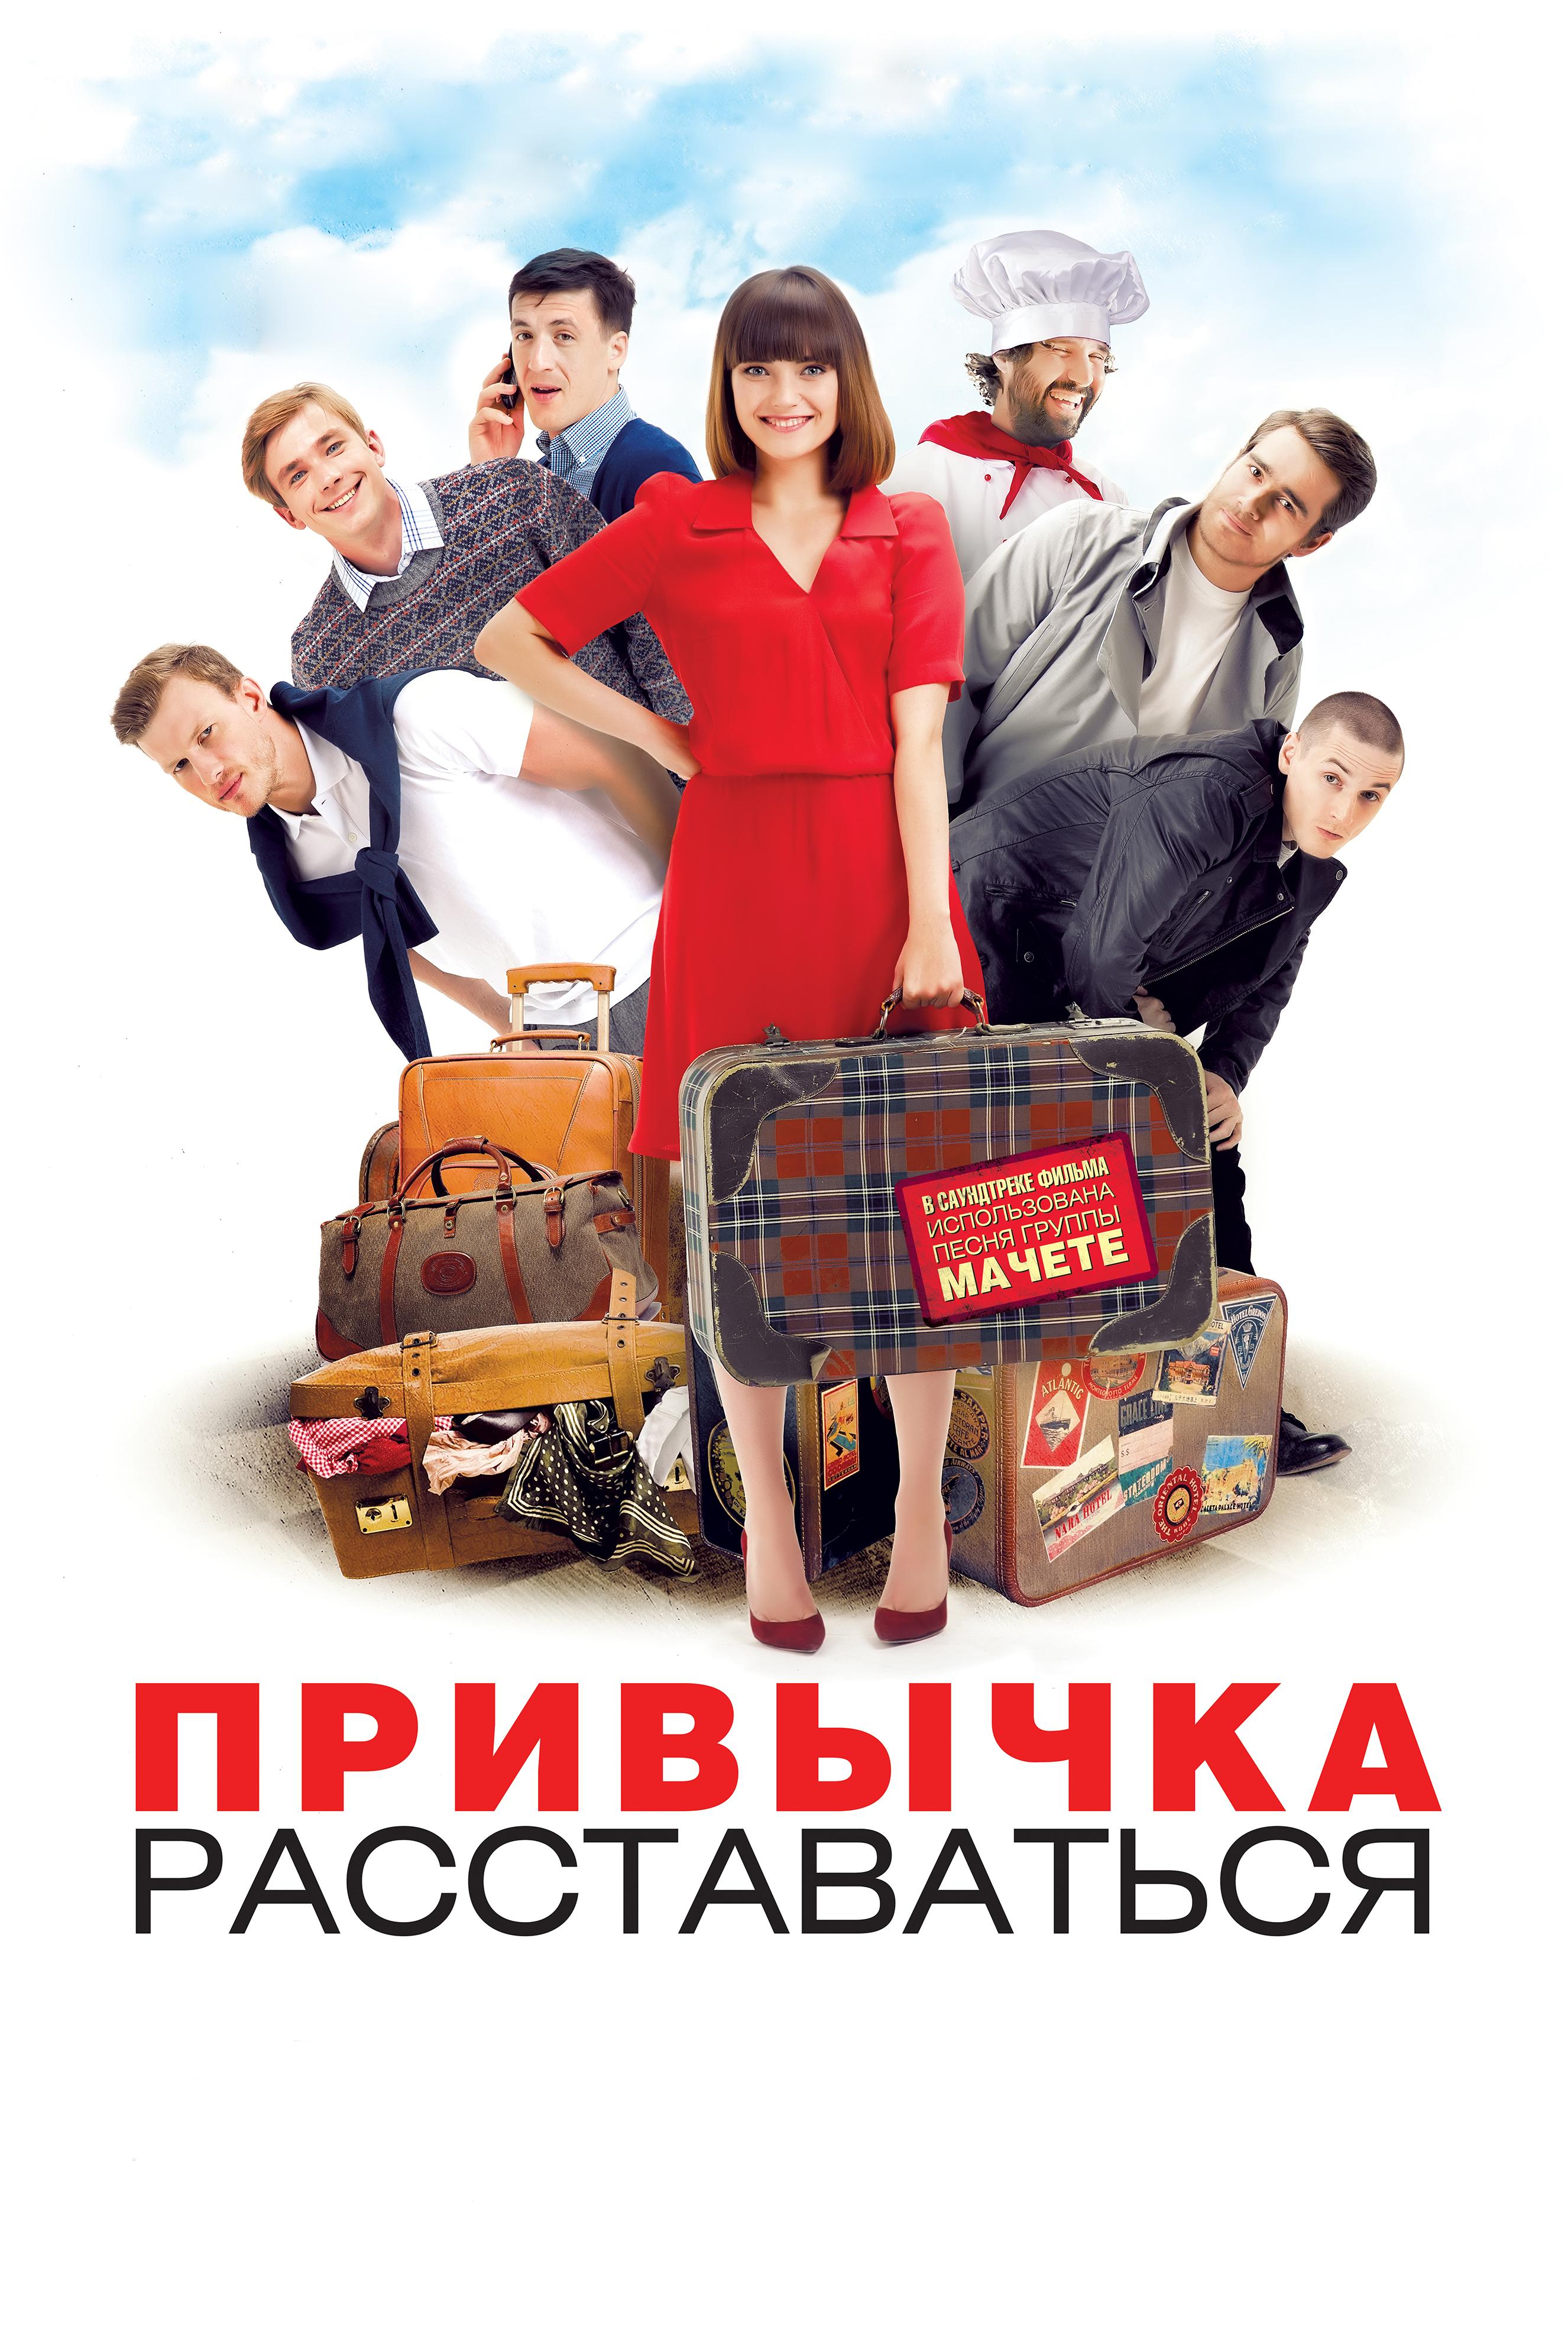 Проститутки москвы интим услуги в москве индивидуалки москвы салон